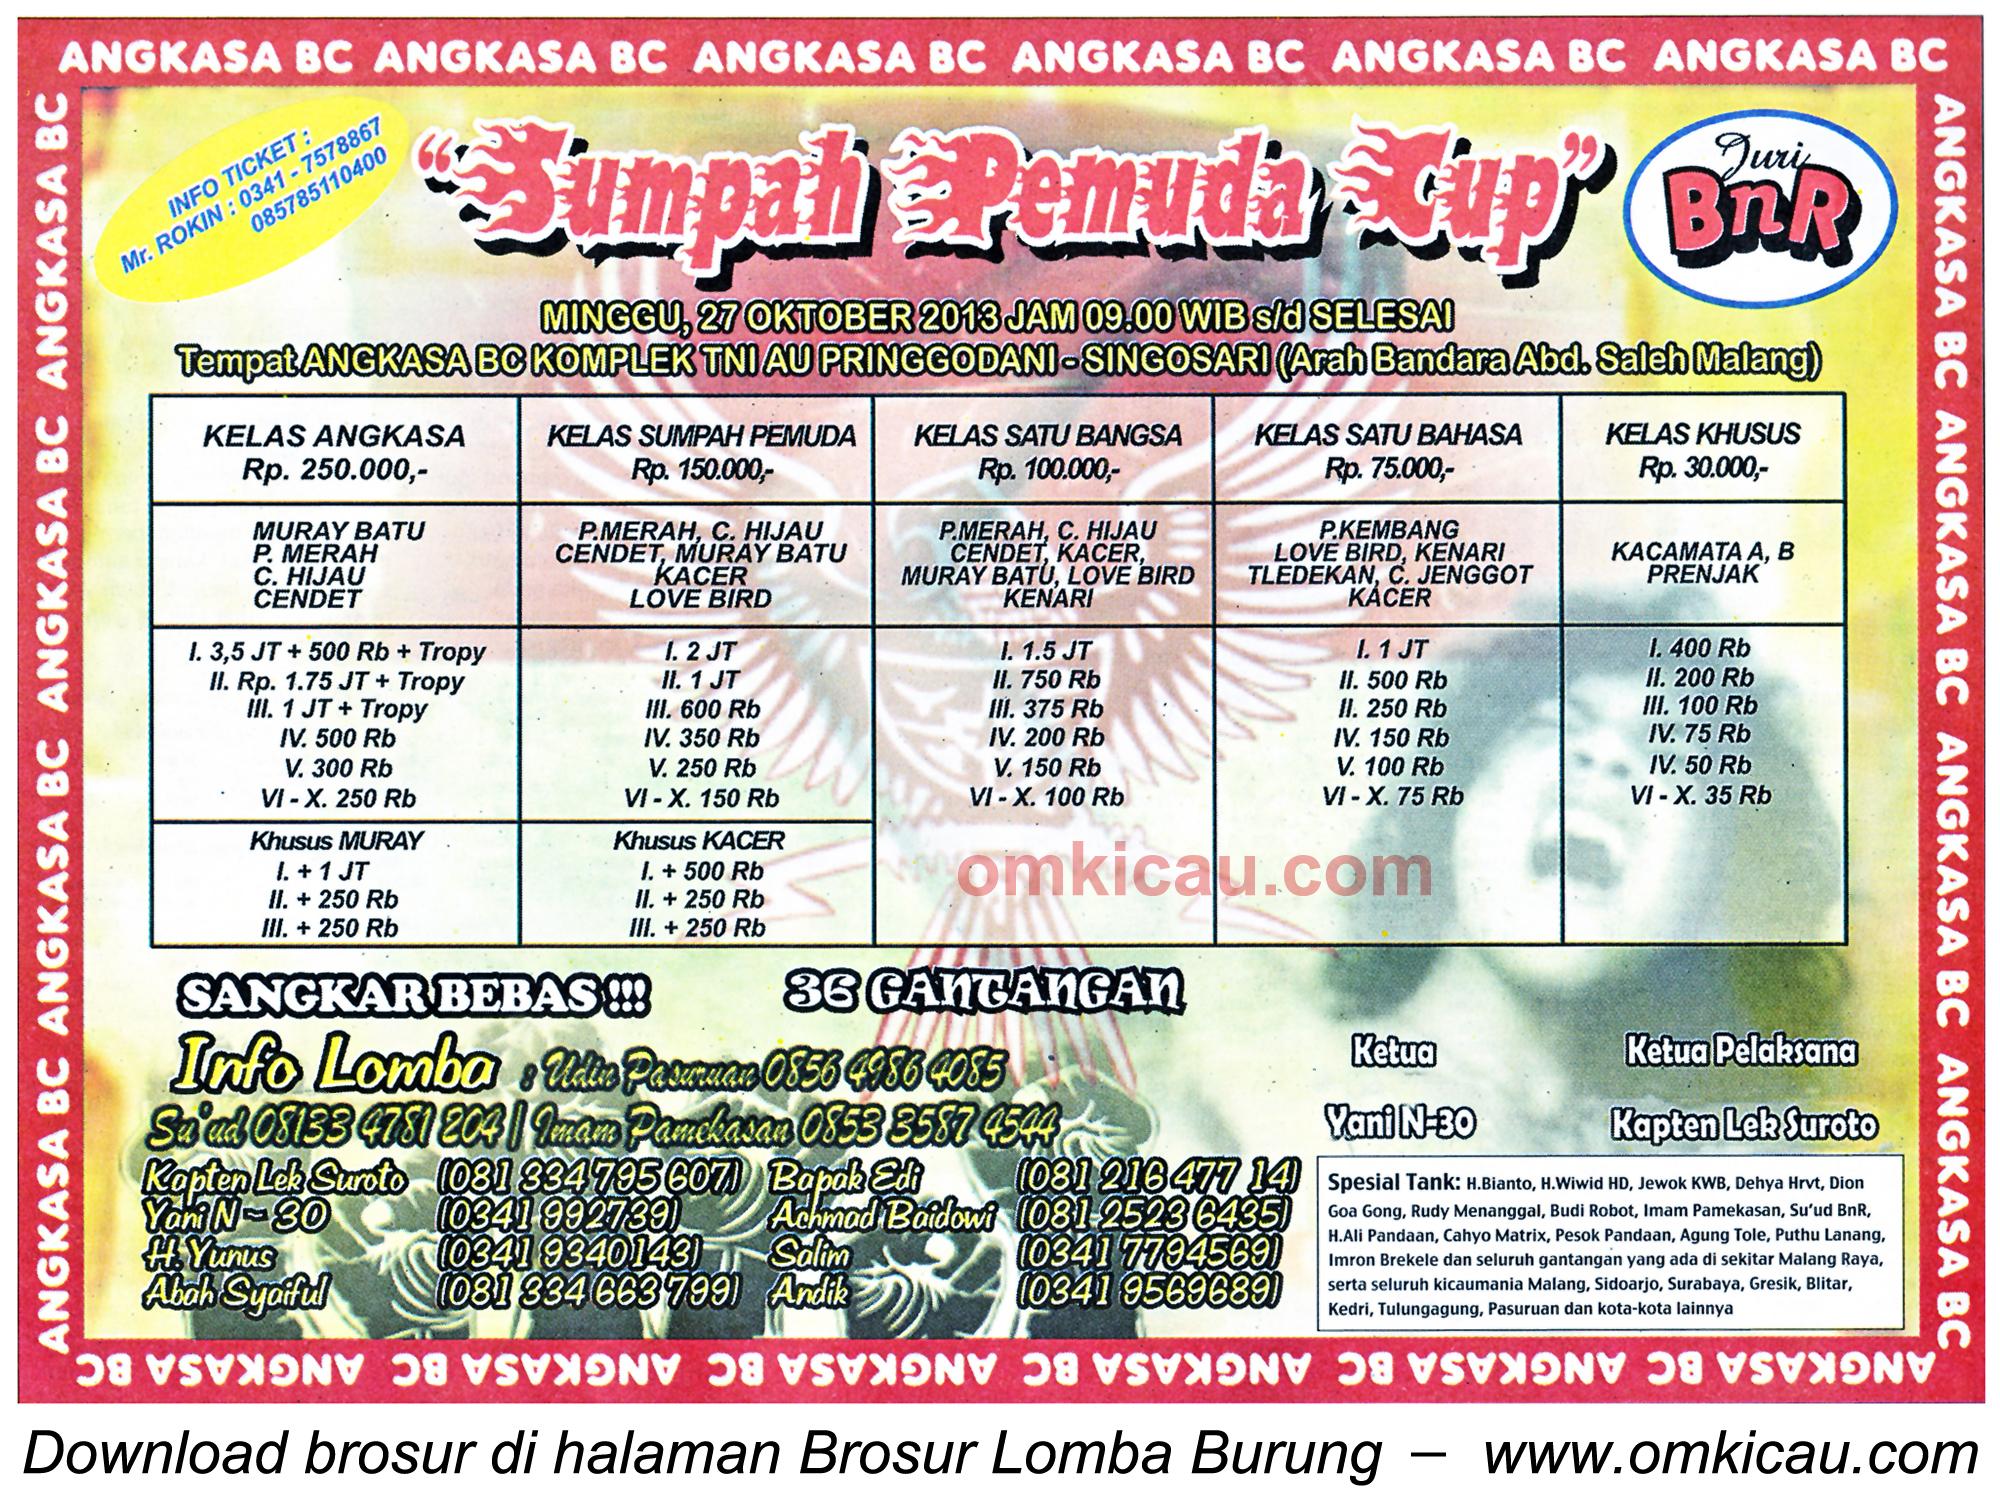 Brosur Lomba Burung Sumpah Pemuda Cup, Malang, 27 Oktober 2013